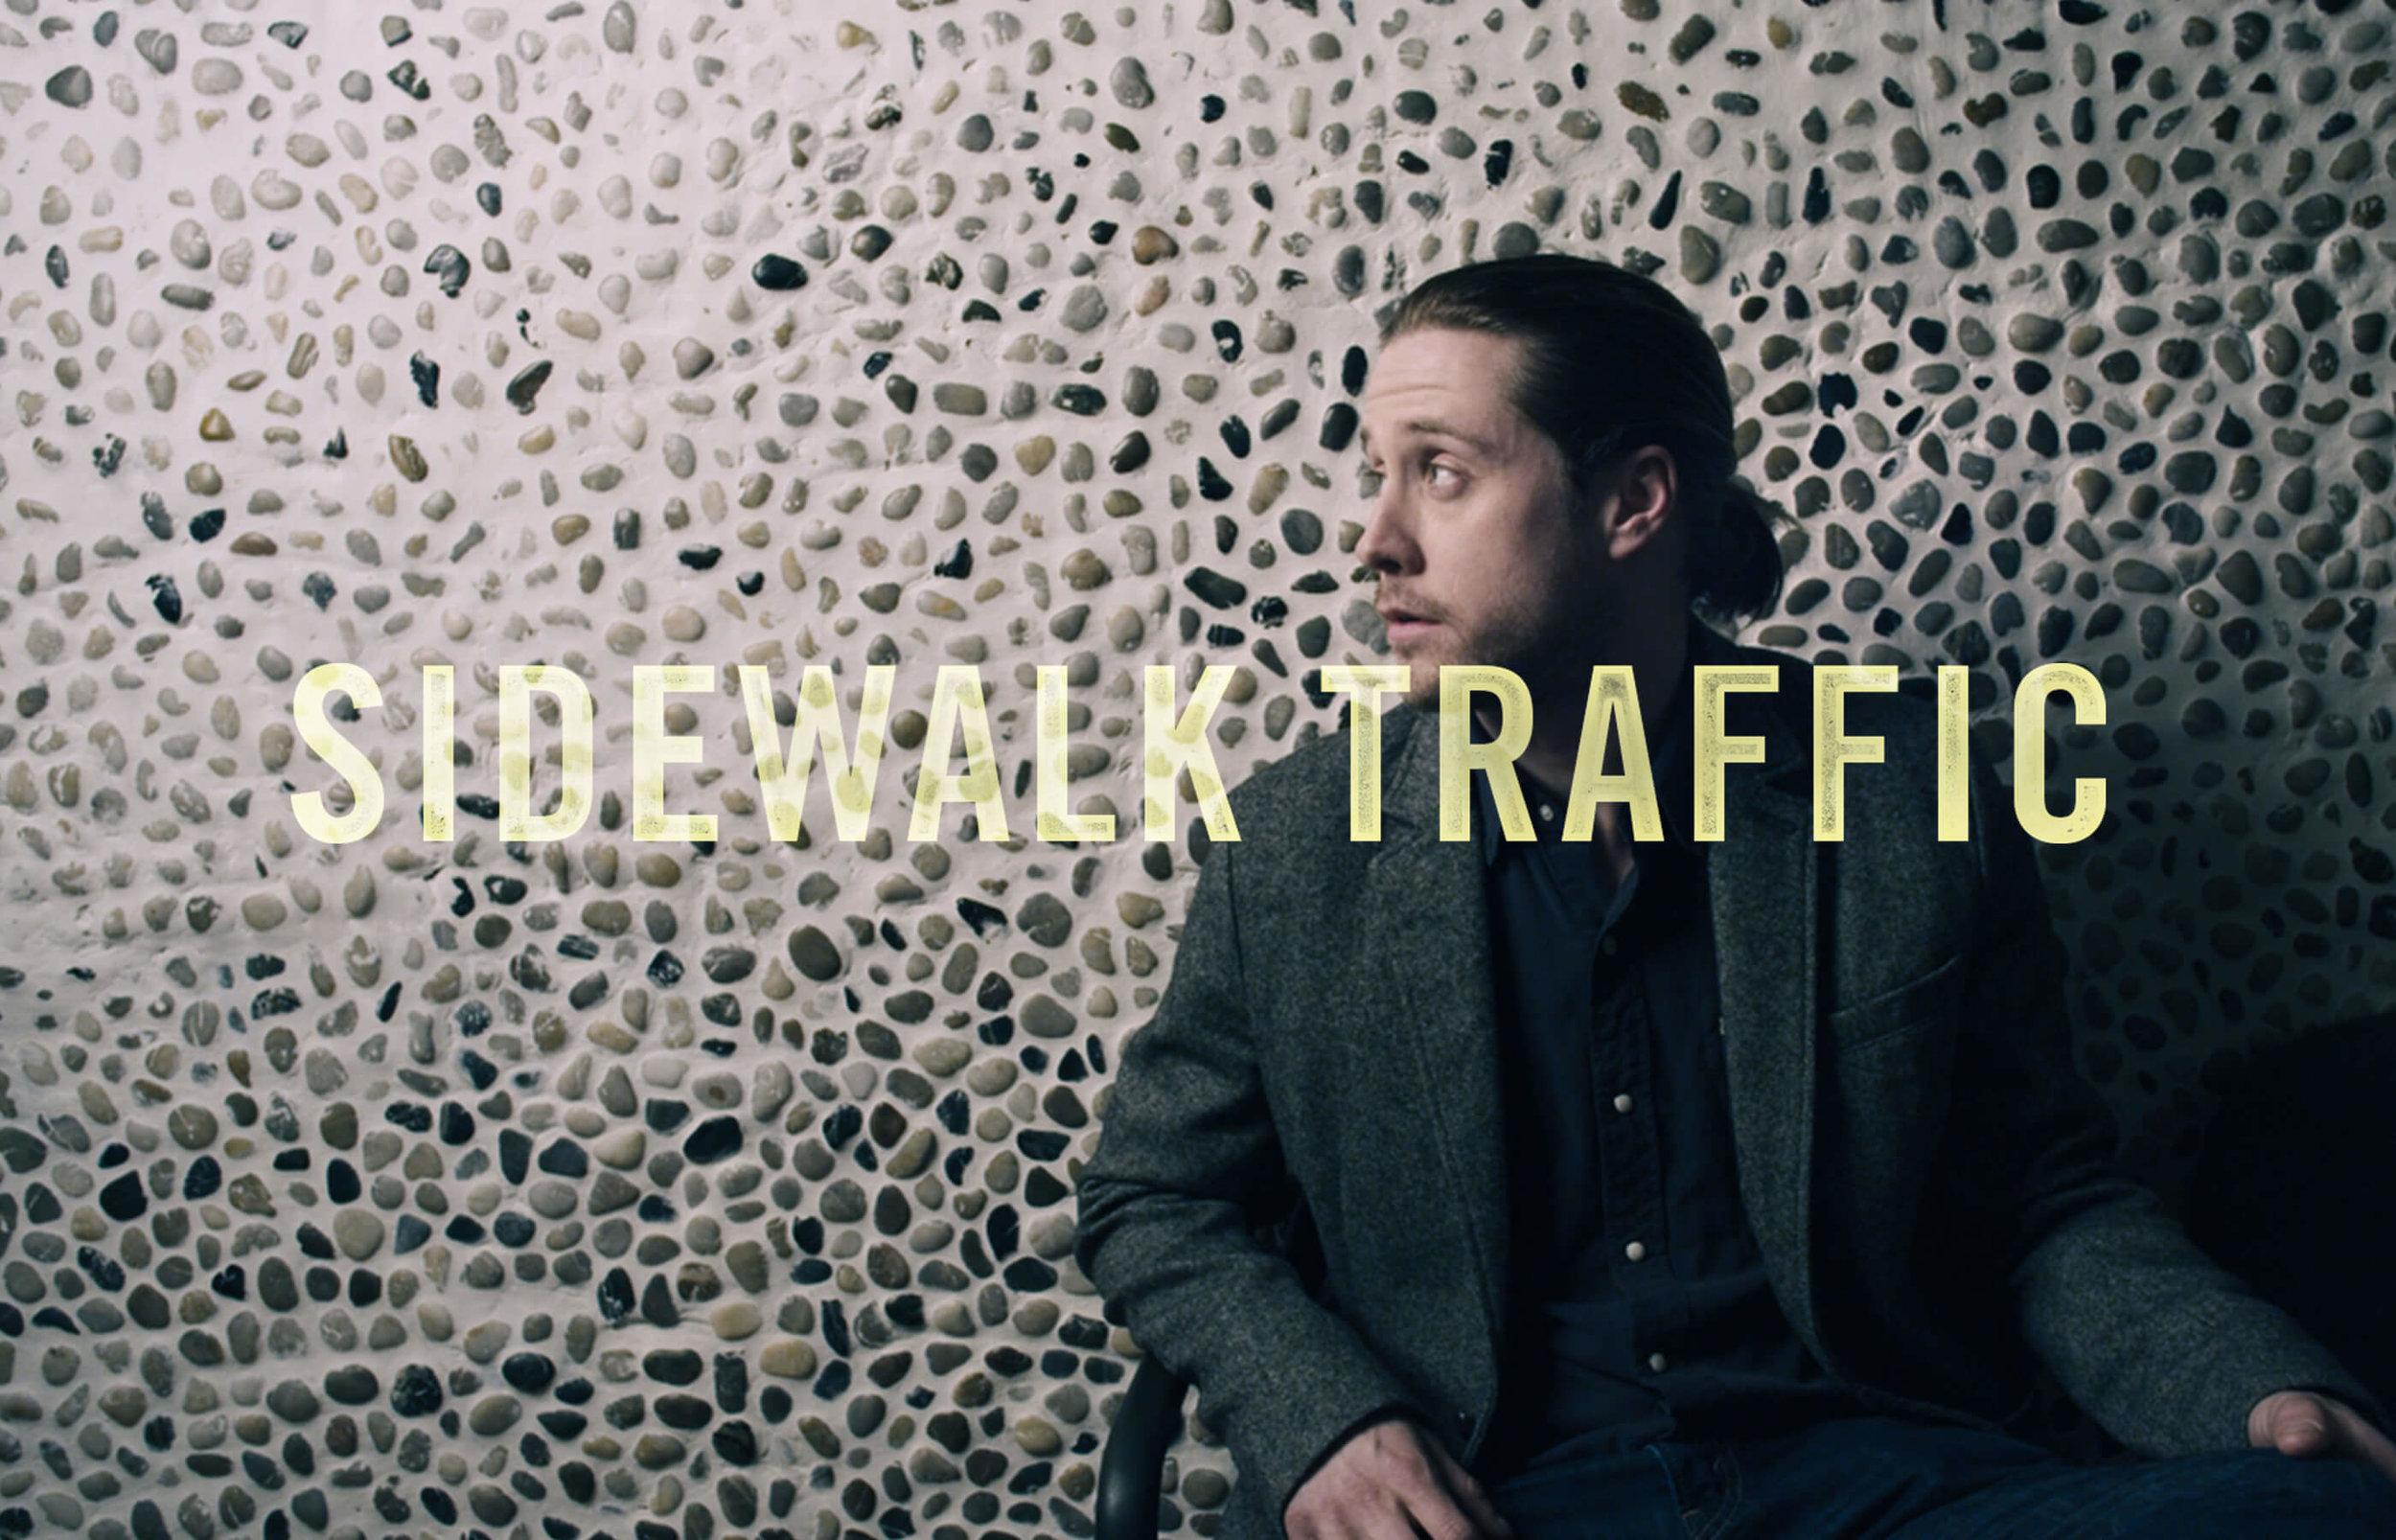 sidewalk-traffic-title.jpg